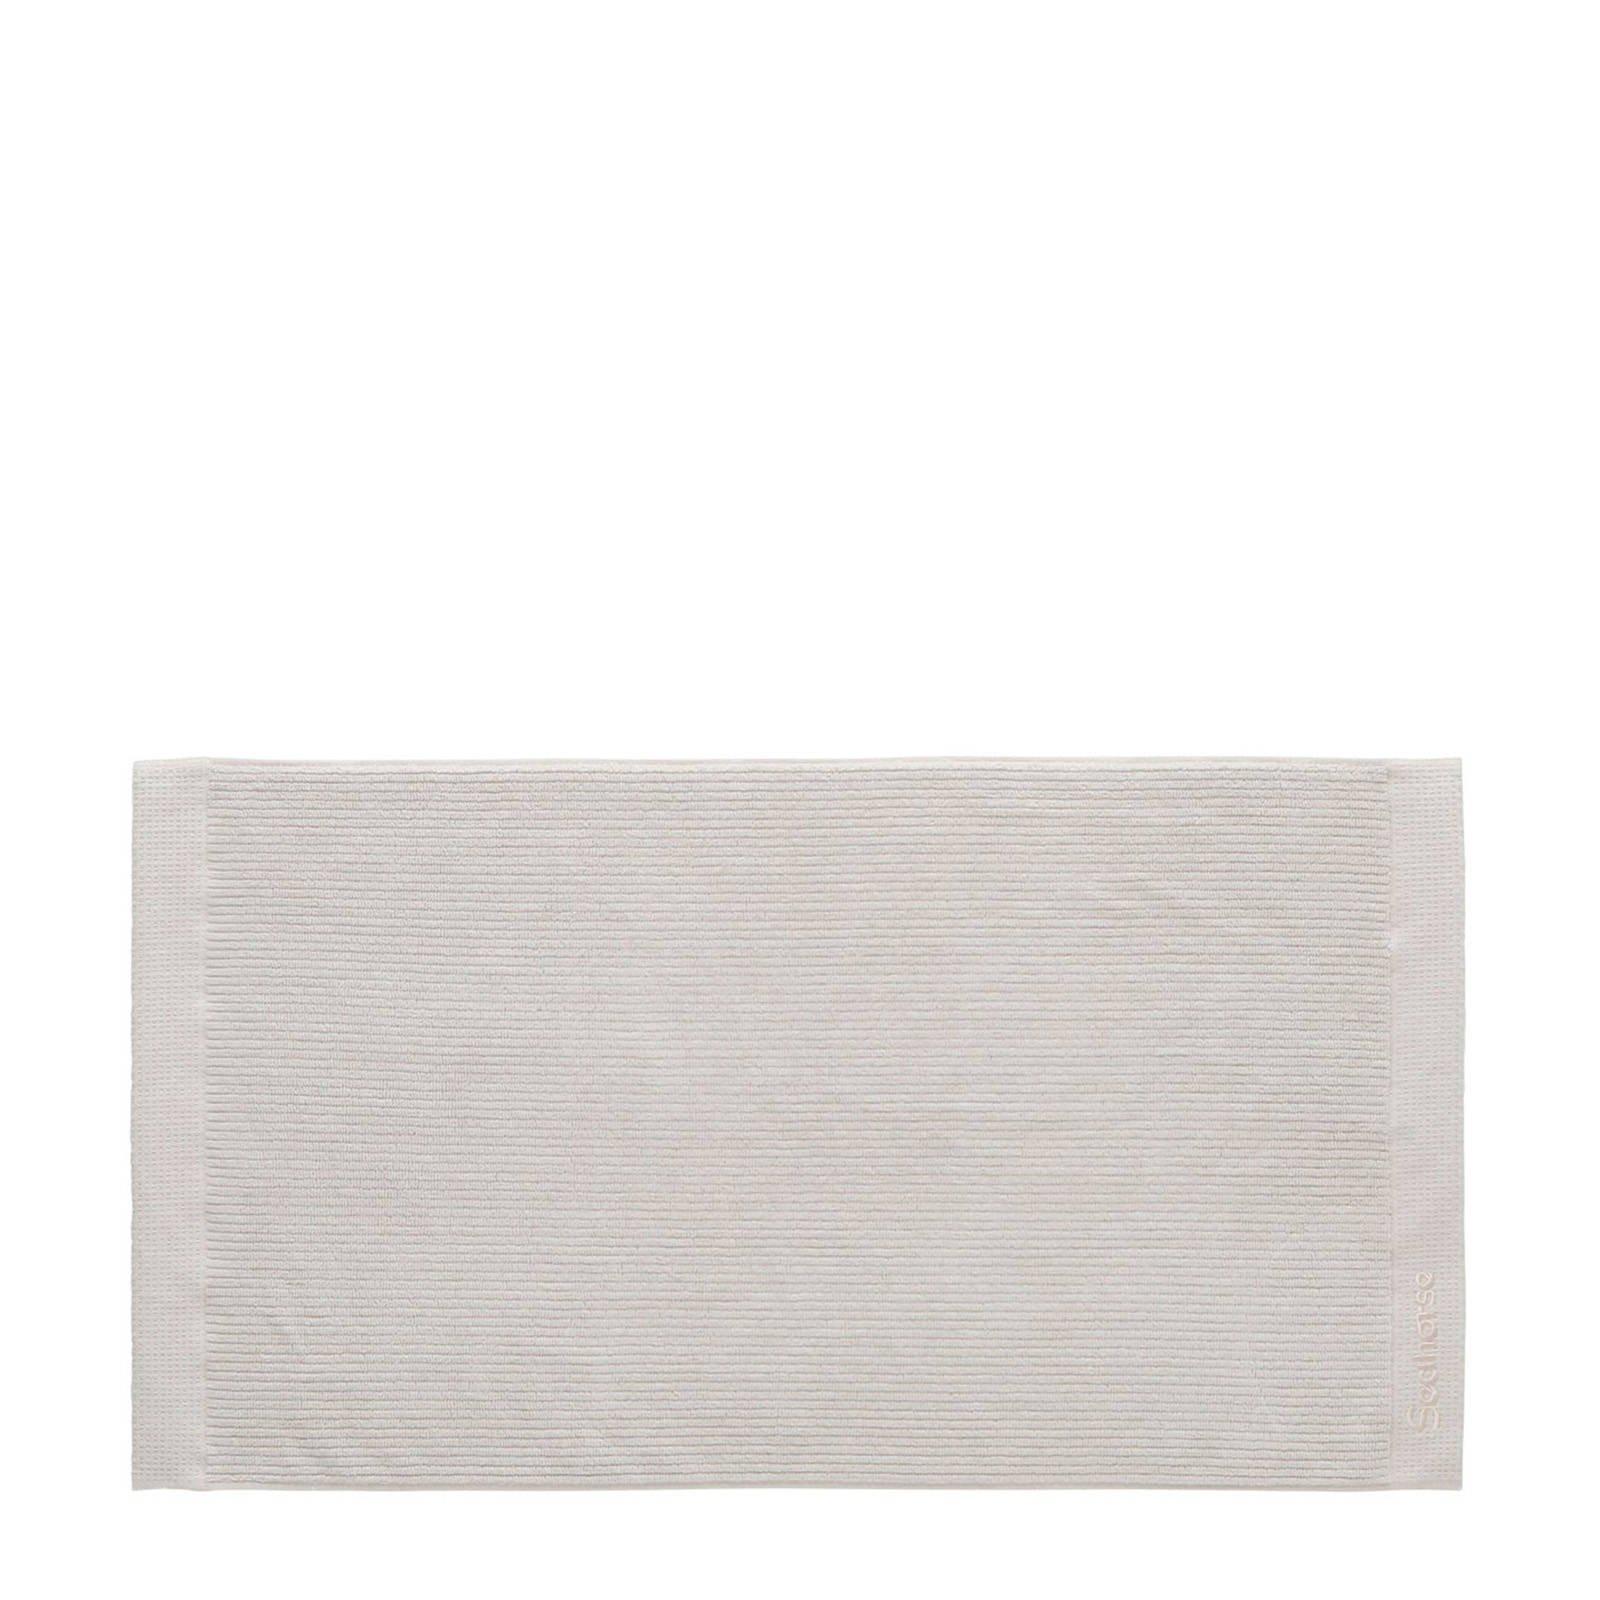 Seahorse Badmat Ridge 50 x 90 cm grijs online kopen